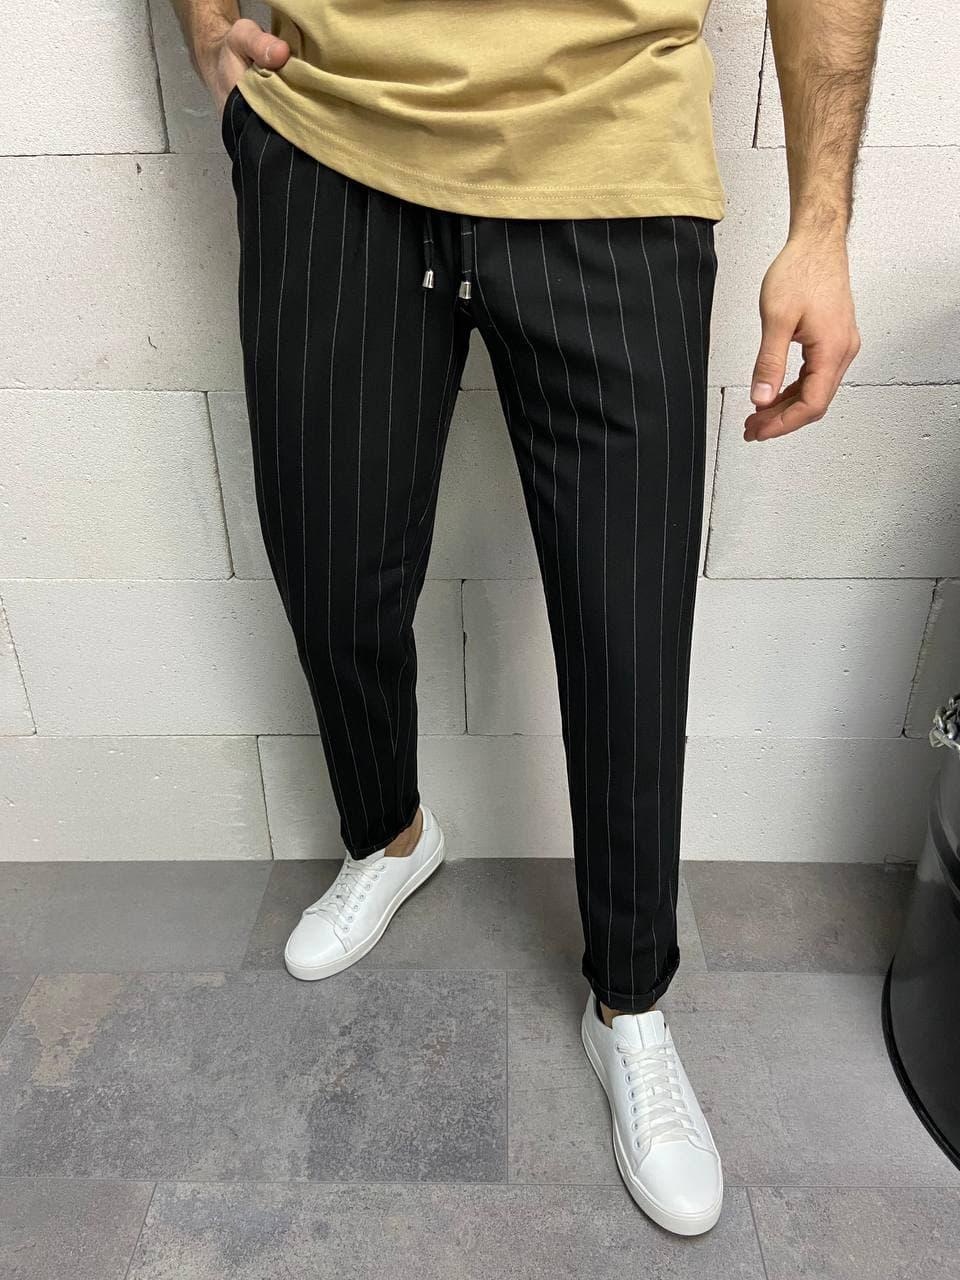 Чоловічі штани чорні смугасті